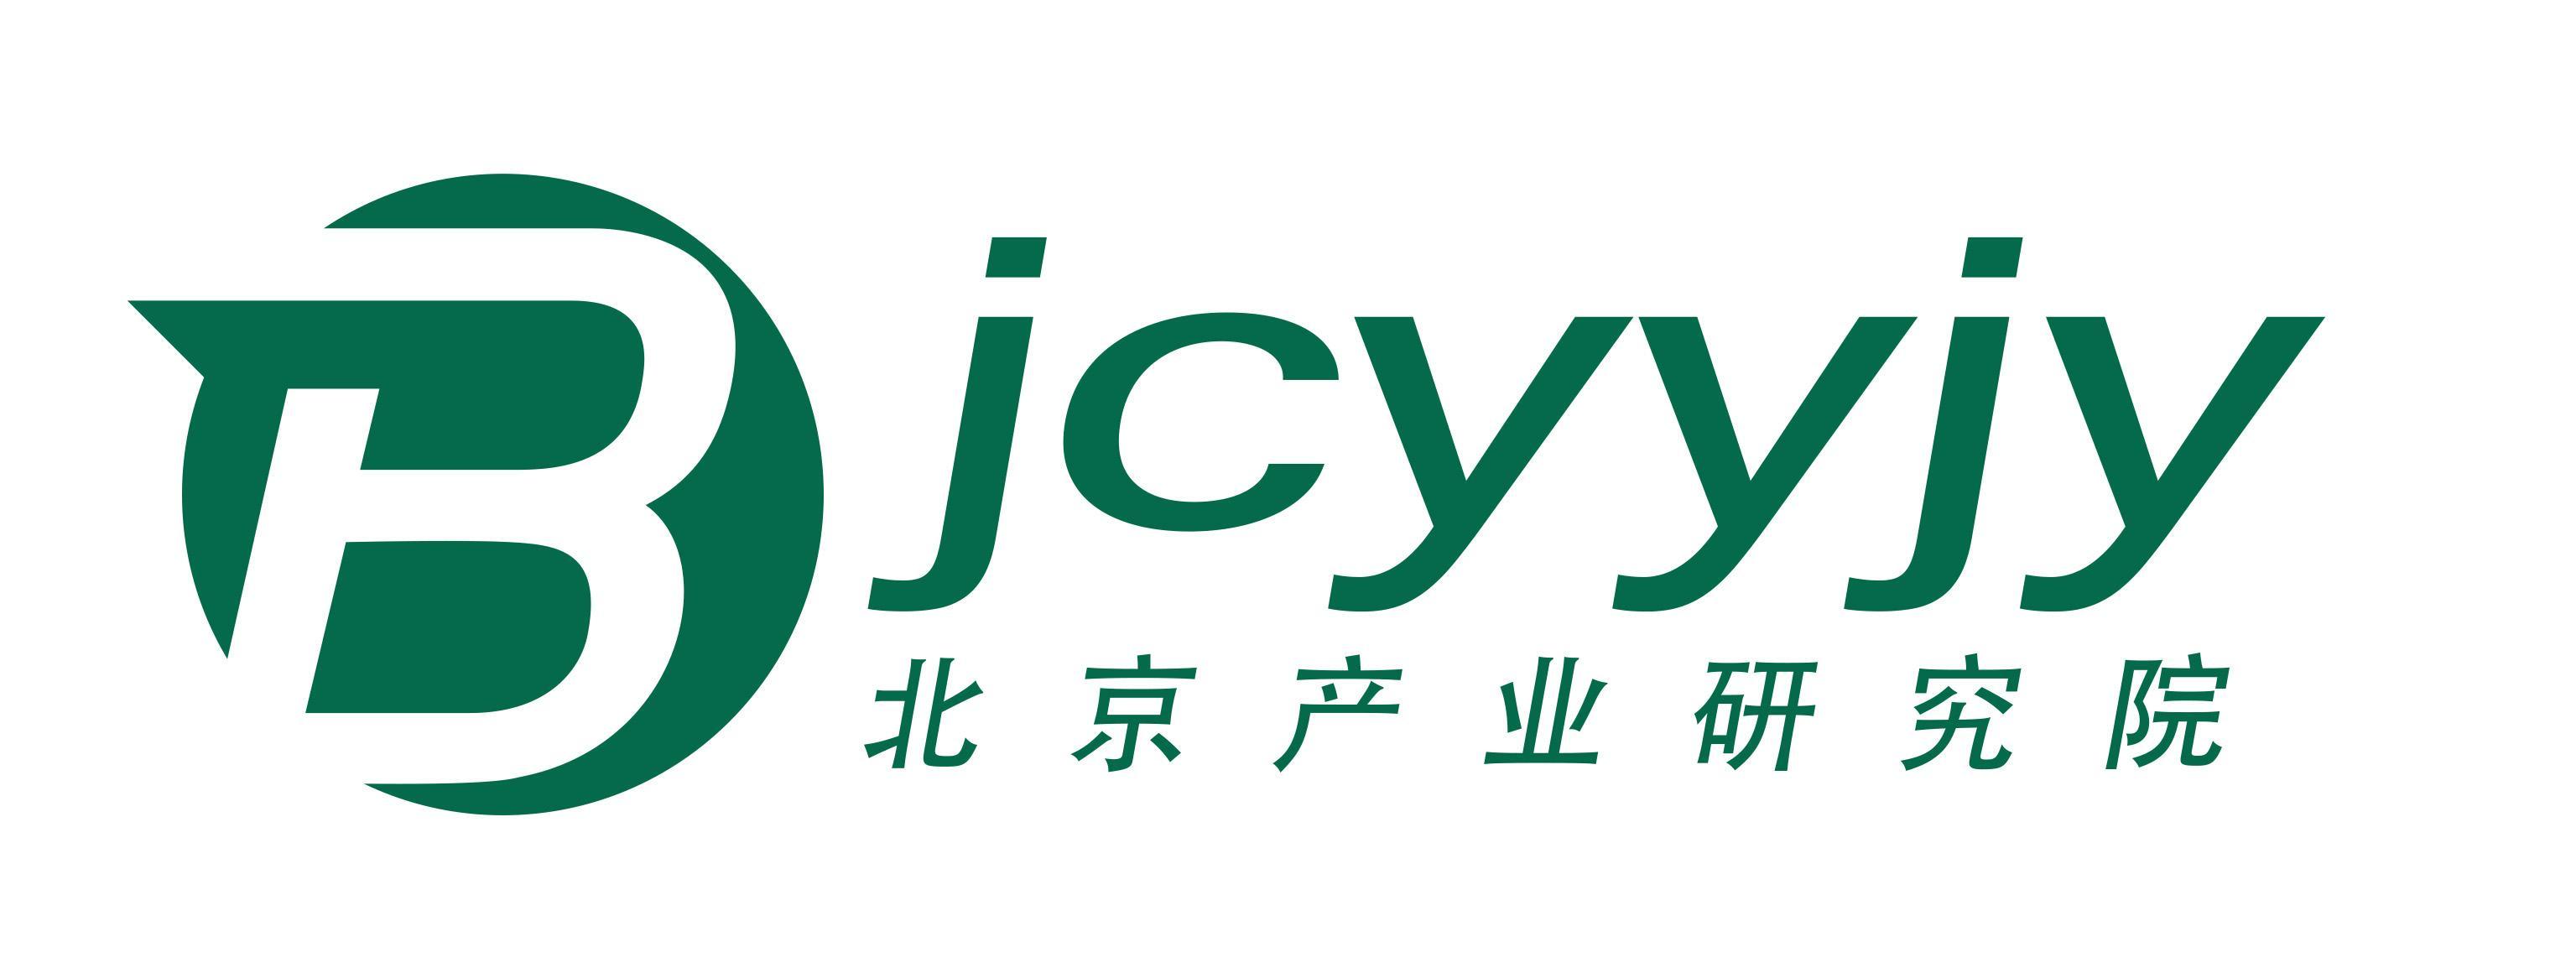 中国广告器材市场供需形势分析及投资商机研究报告2018-2023年